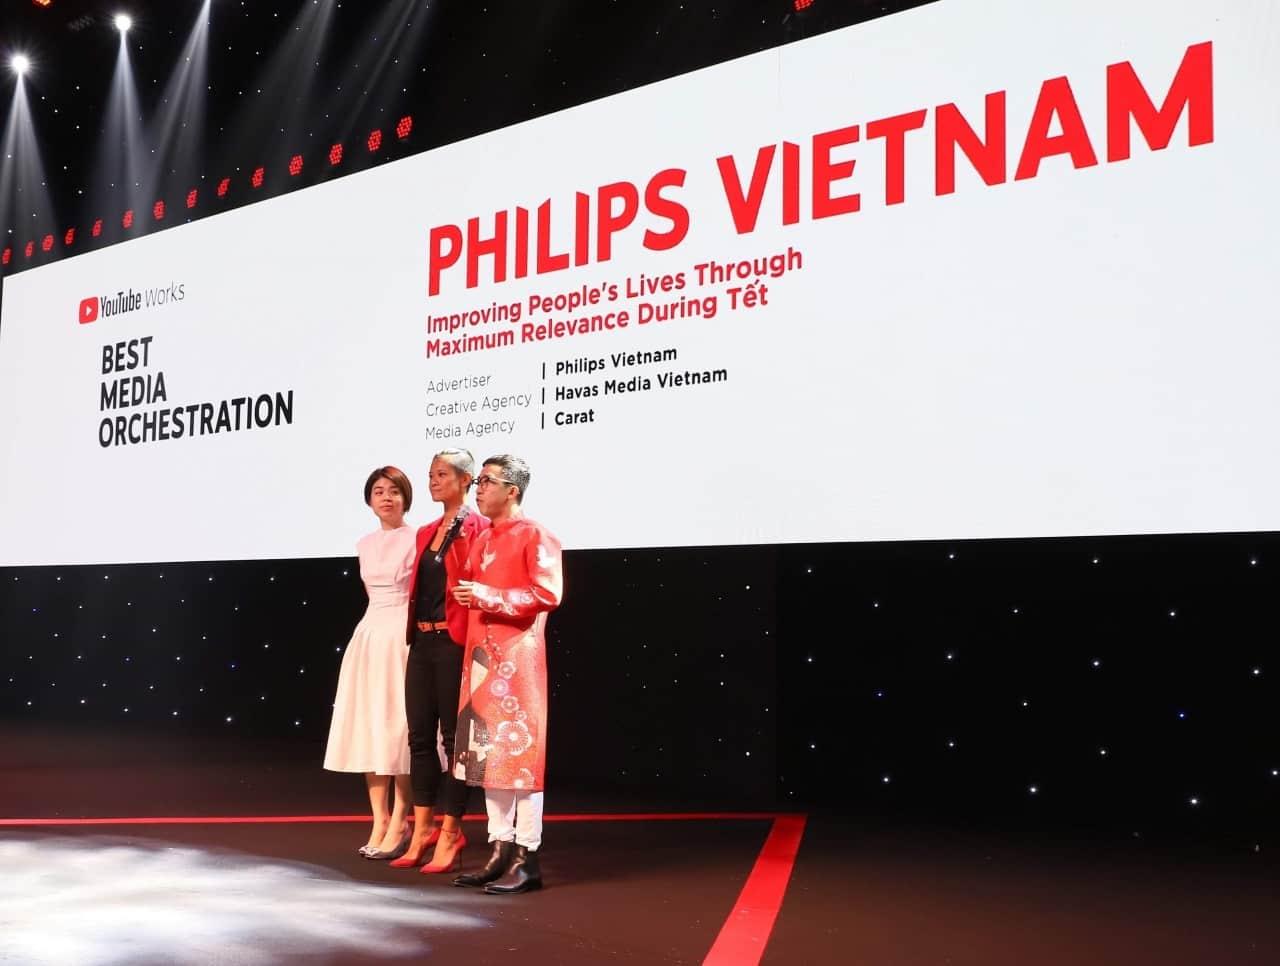 Philips giành được hạng mục Best Media Orchestration của Youtube